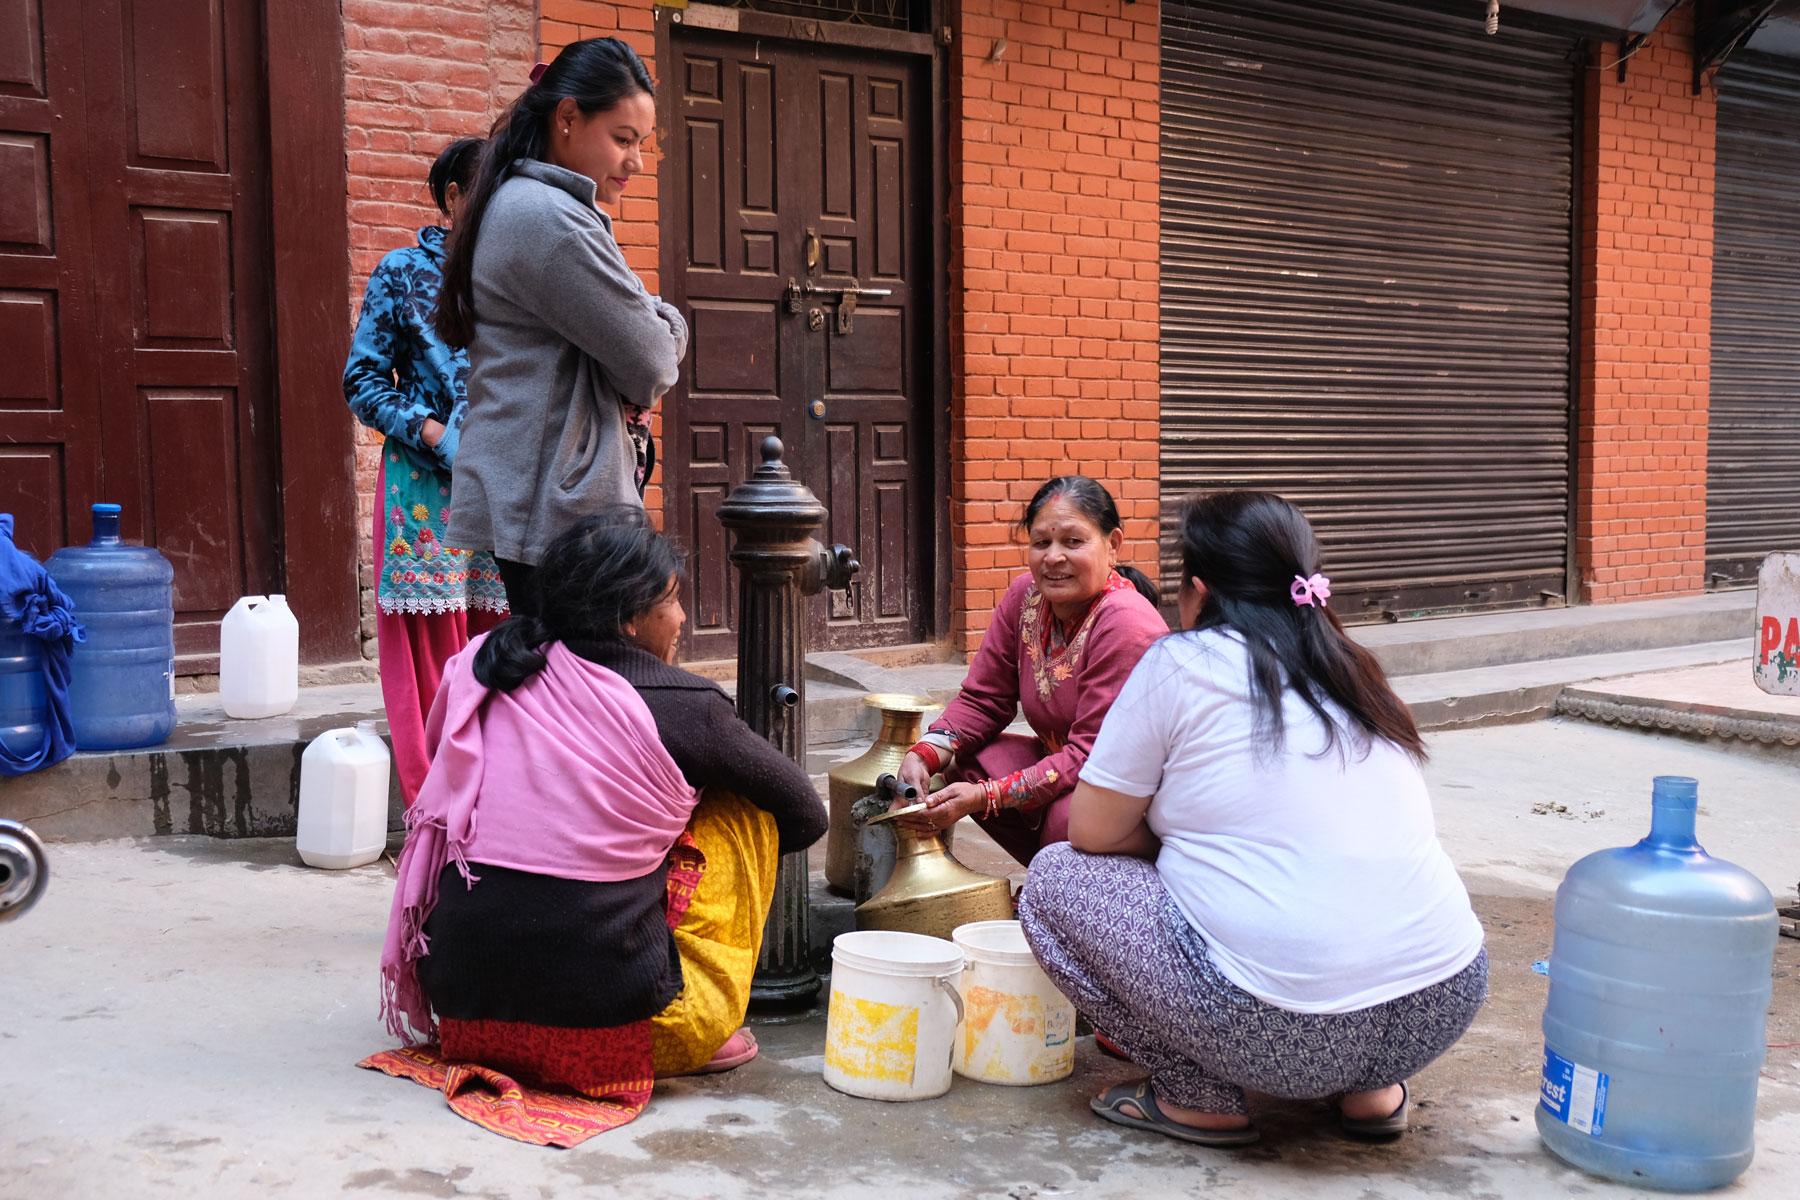 Nepalesische Frauen füllen in Kathmandu Wasser aus einem Brunnen in Kanister.